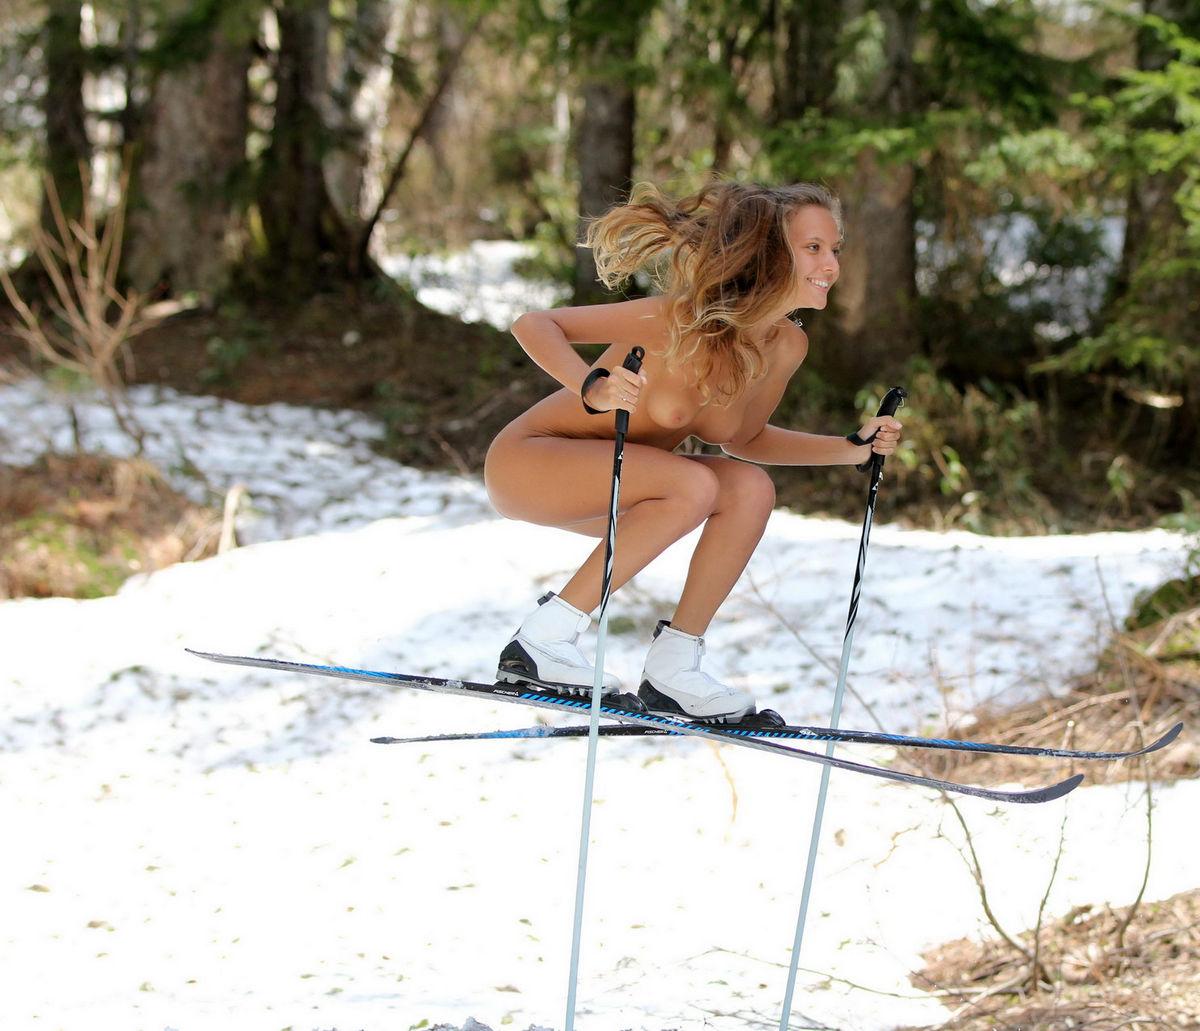 Фото голая на лыжах 15 фотография